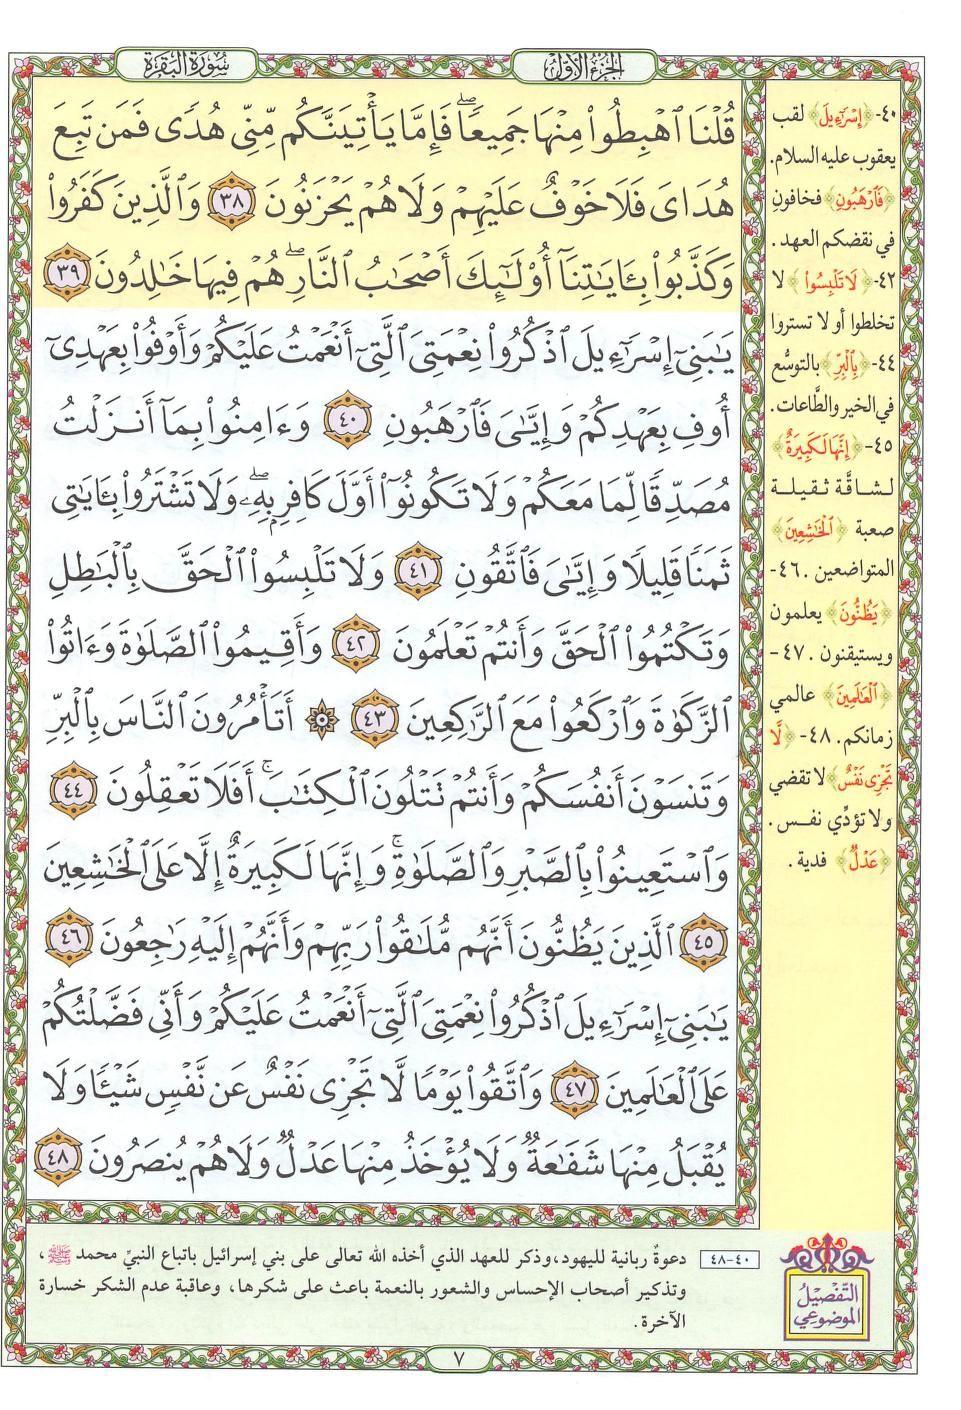 ٣٨ ٤٨ البقرة مصحف التفصيل الموضوعي Quran Verses Bullet Journal Verses